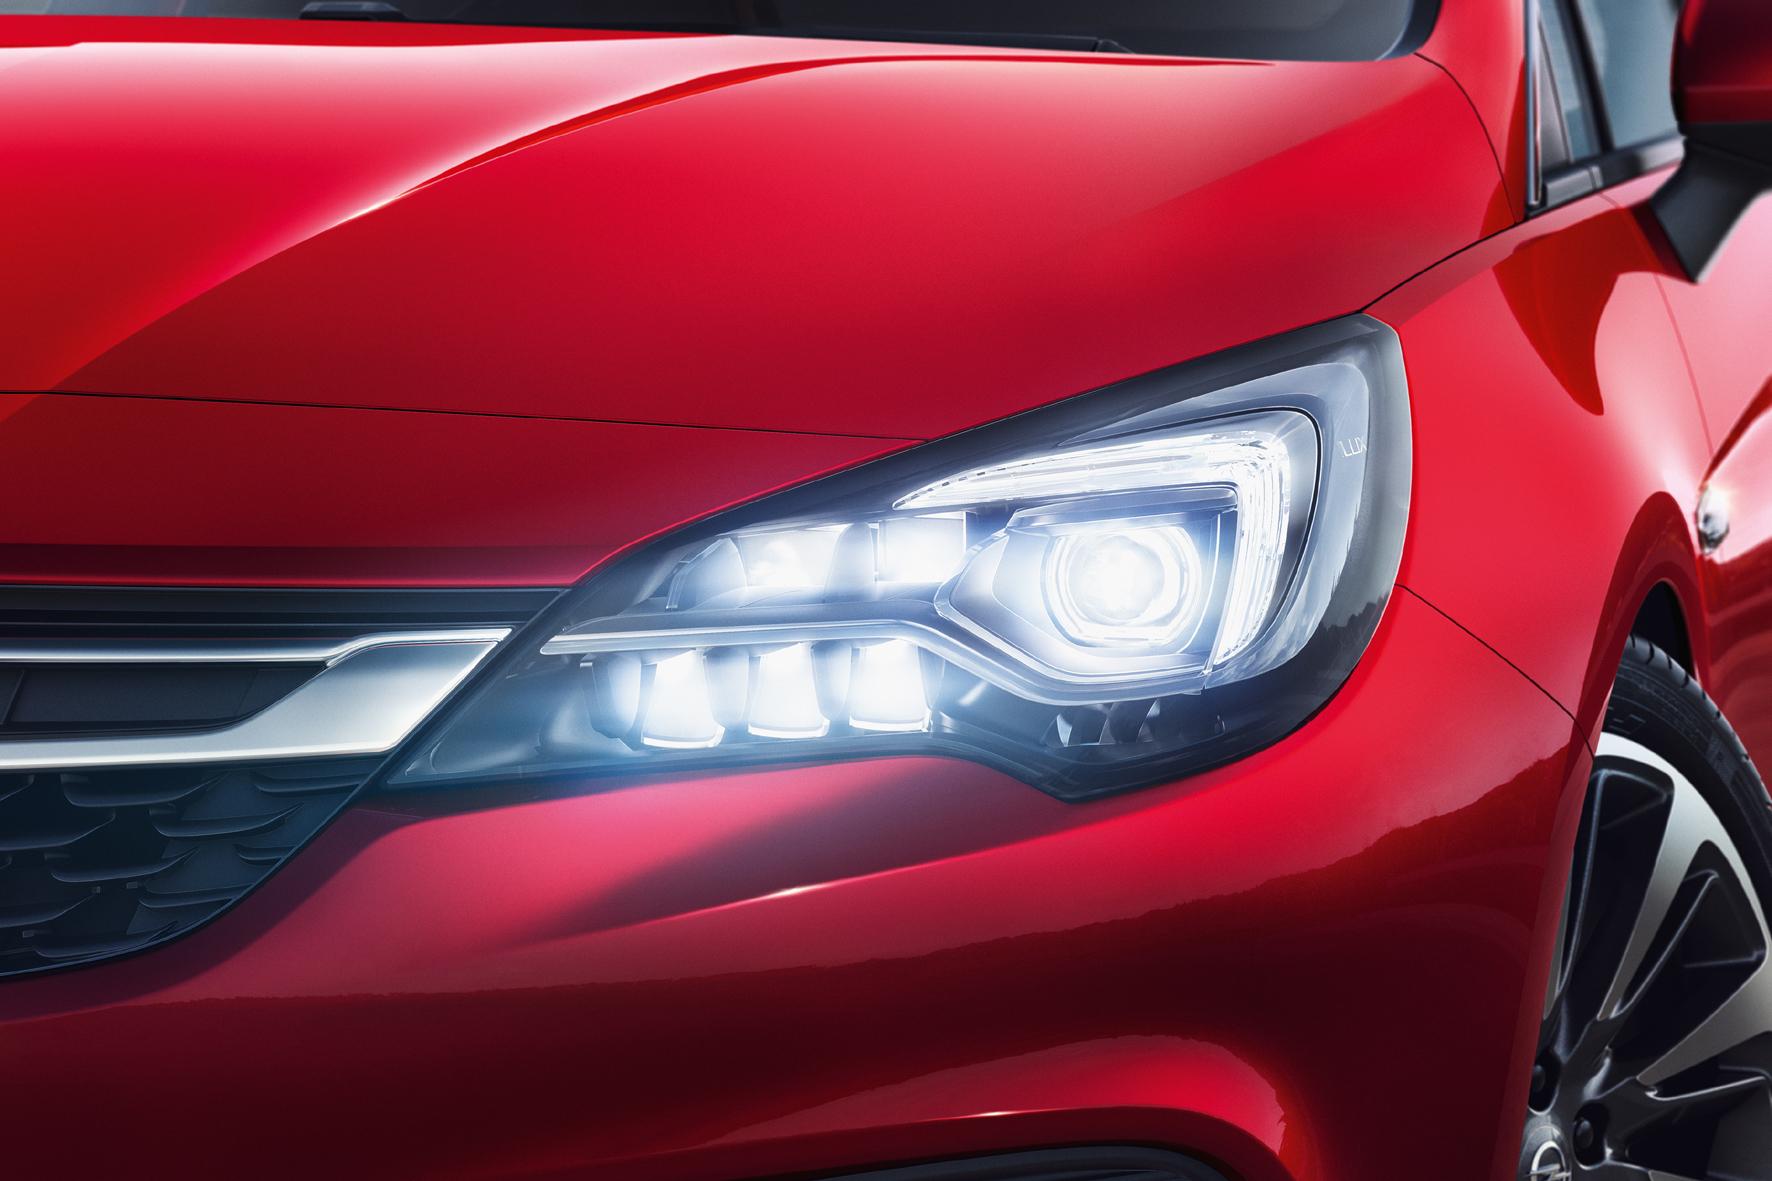 mid Düsseldorf - Das Opel-Lichtsystem IntelliLux-LED-Matrix-Licht verhilft Autofahrern zu einer weitaus besseren Sicht als mit konventionellen Leuchten.